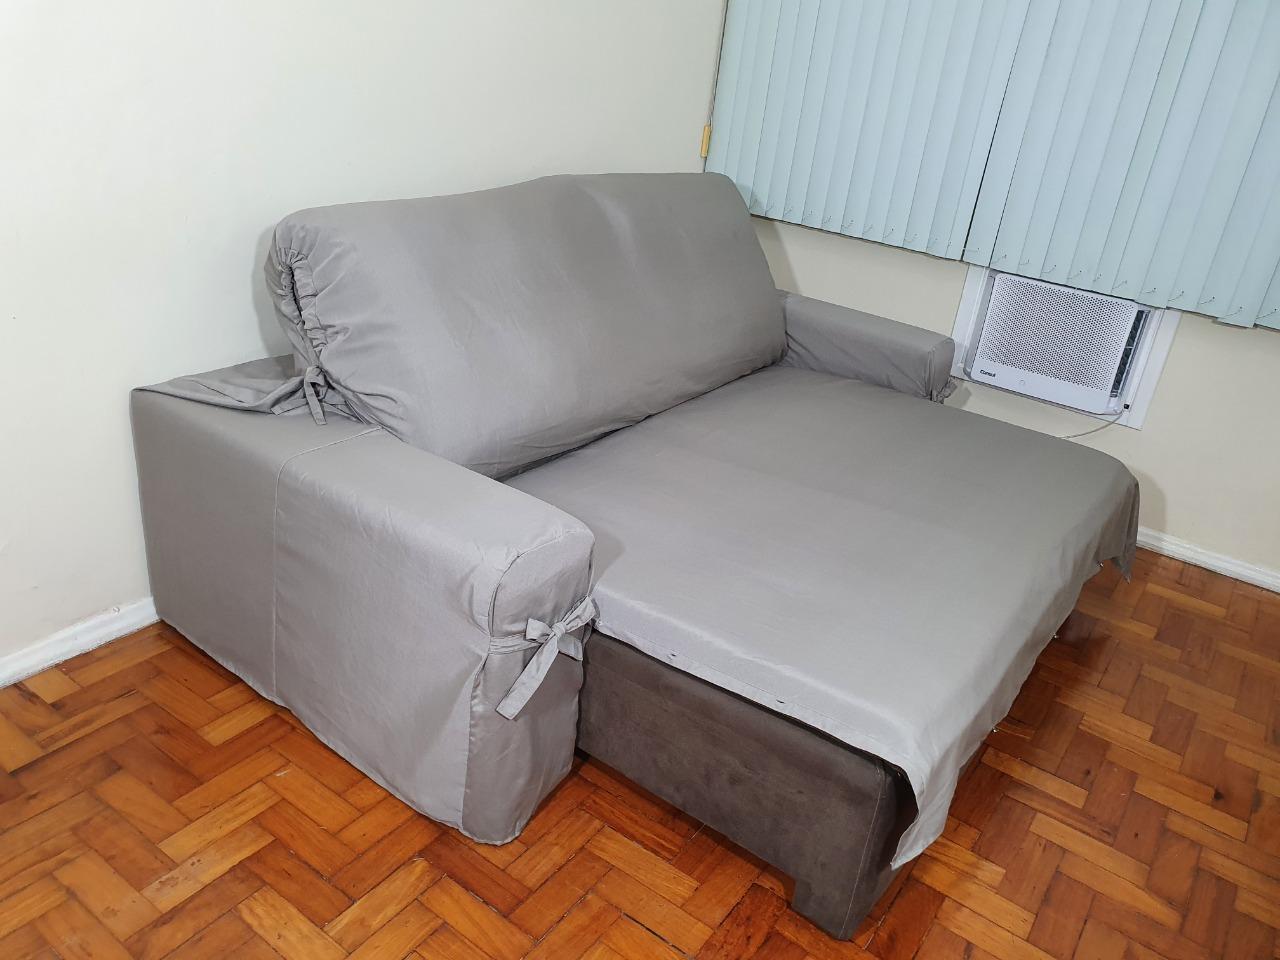 Capa p/ Sofá Retrátil e Reclinável em GORGURÃO CINZA - Veste Sofás de 2,36m até 2,65m